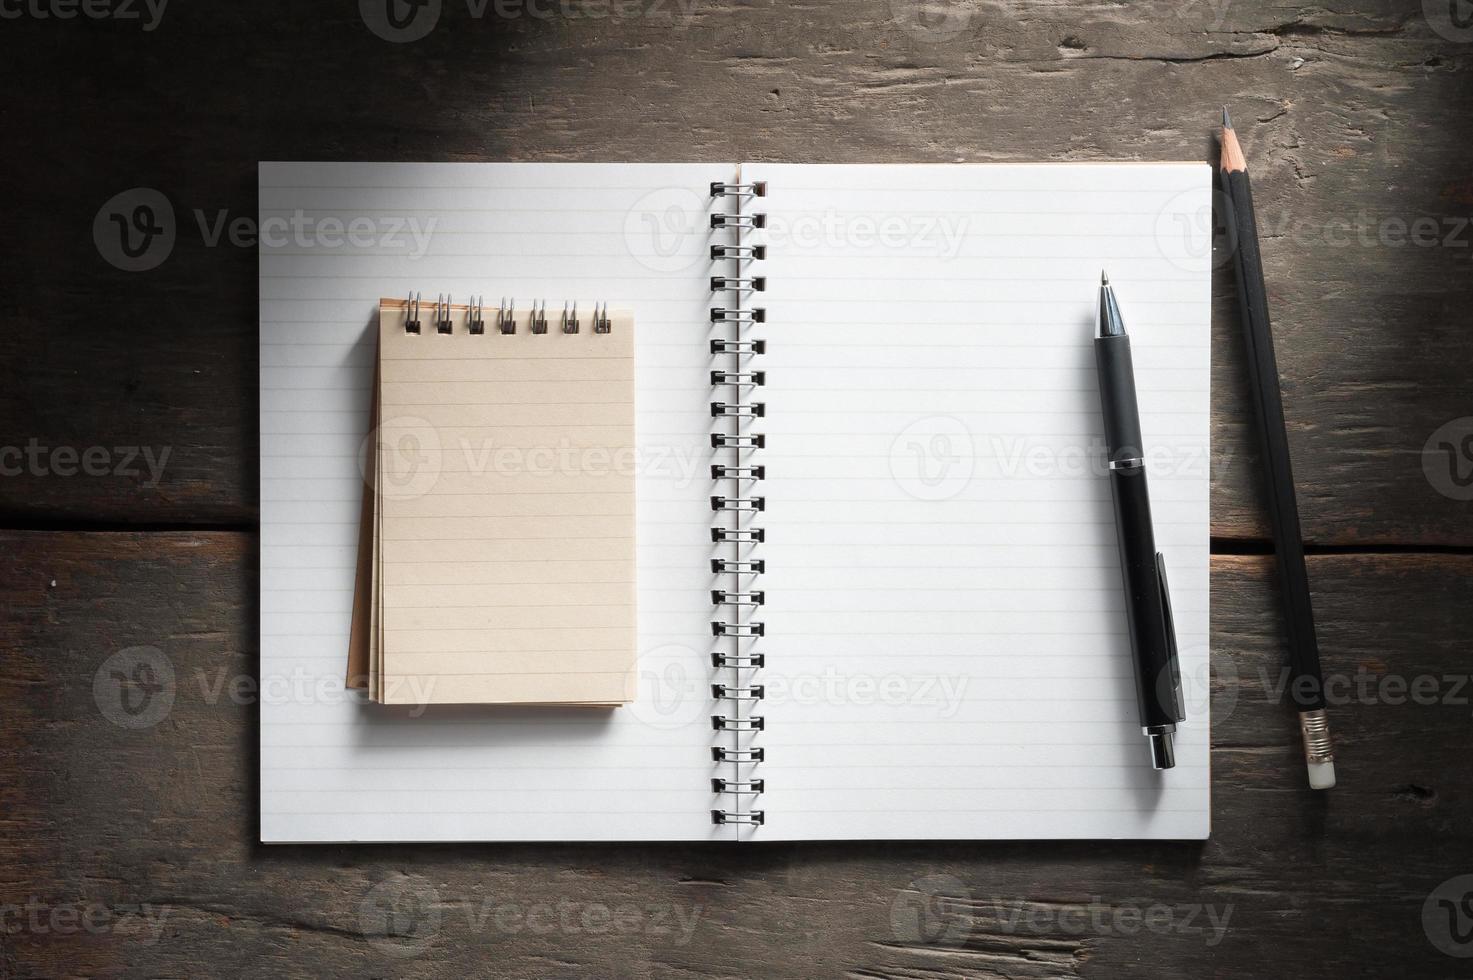 bloc-notes photo